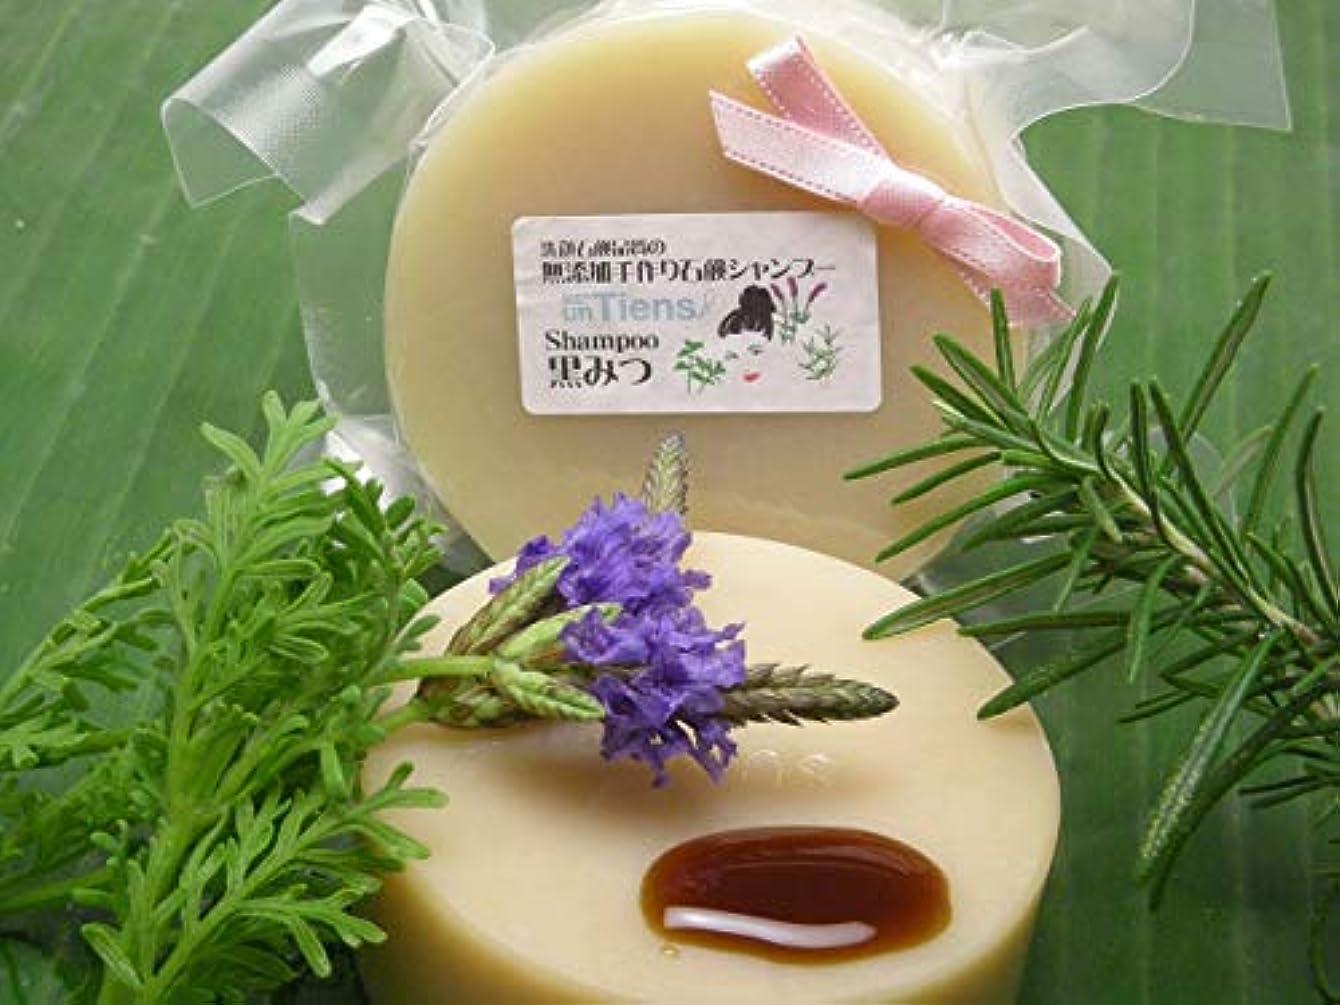 スカルク亜熱帯ちょうつがい洗顔石鹸品質の無添加手作り固形石鹸シャンプー 「黒みつ」たっぷり使える丸型100g